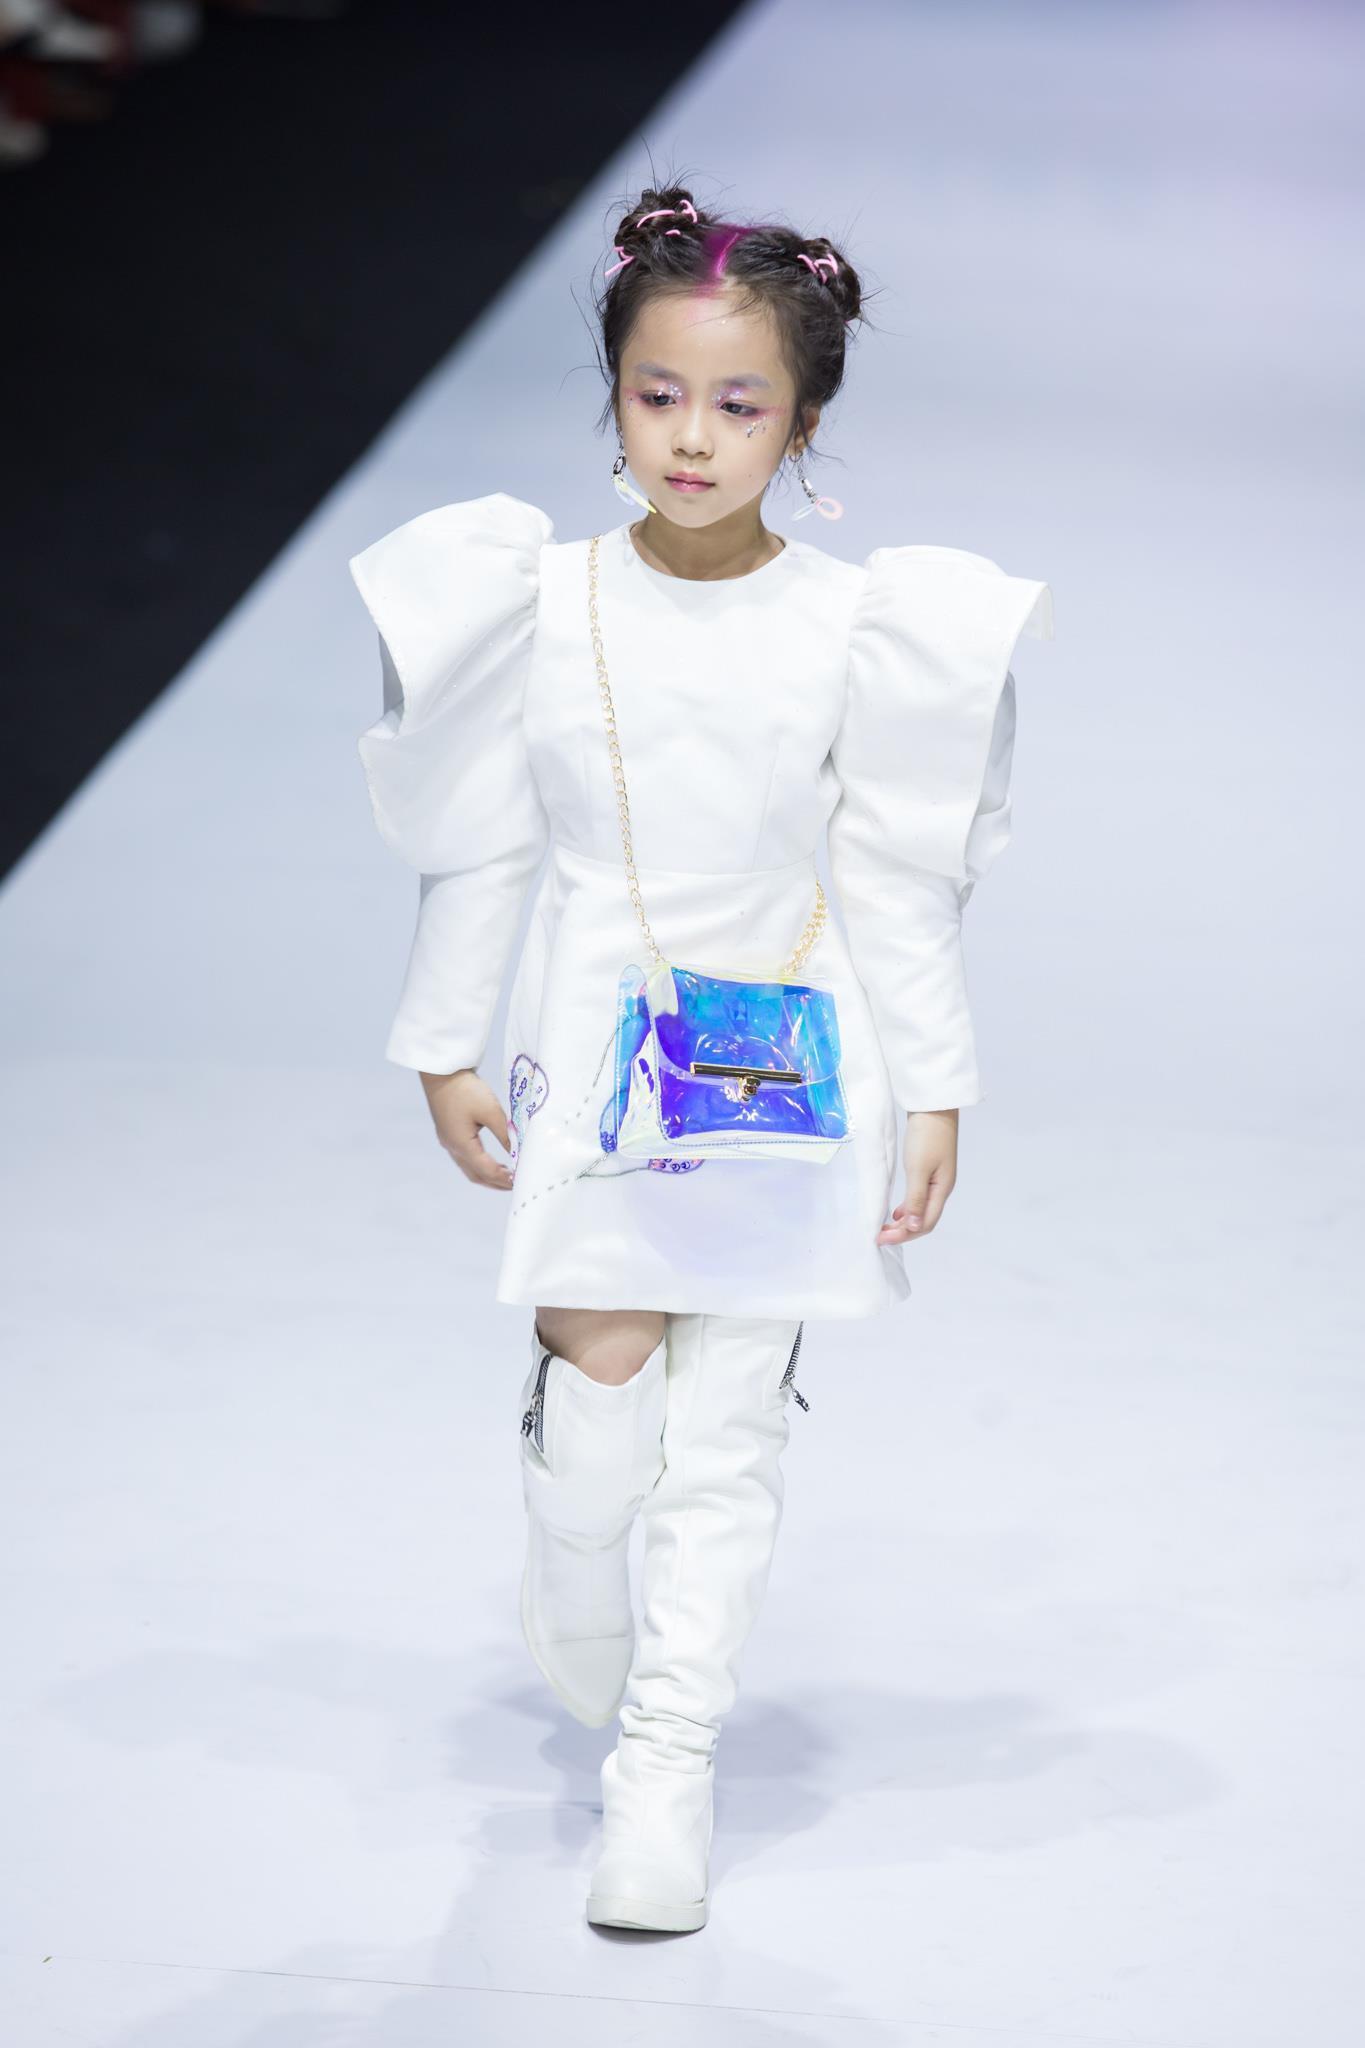 Ivan Trần 'trẻ thơ hóa' sàn diễn Aquafina VIFW mùa thứ 9 Ảnh 14